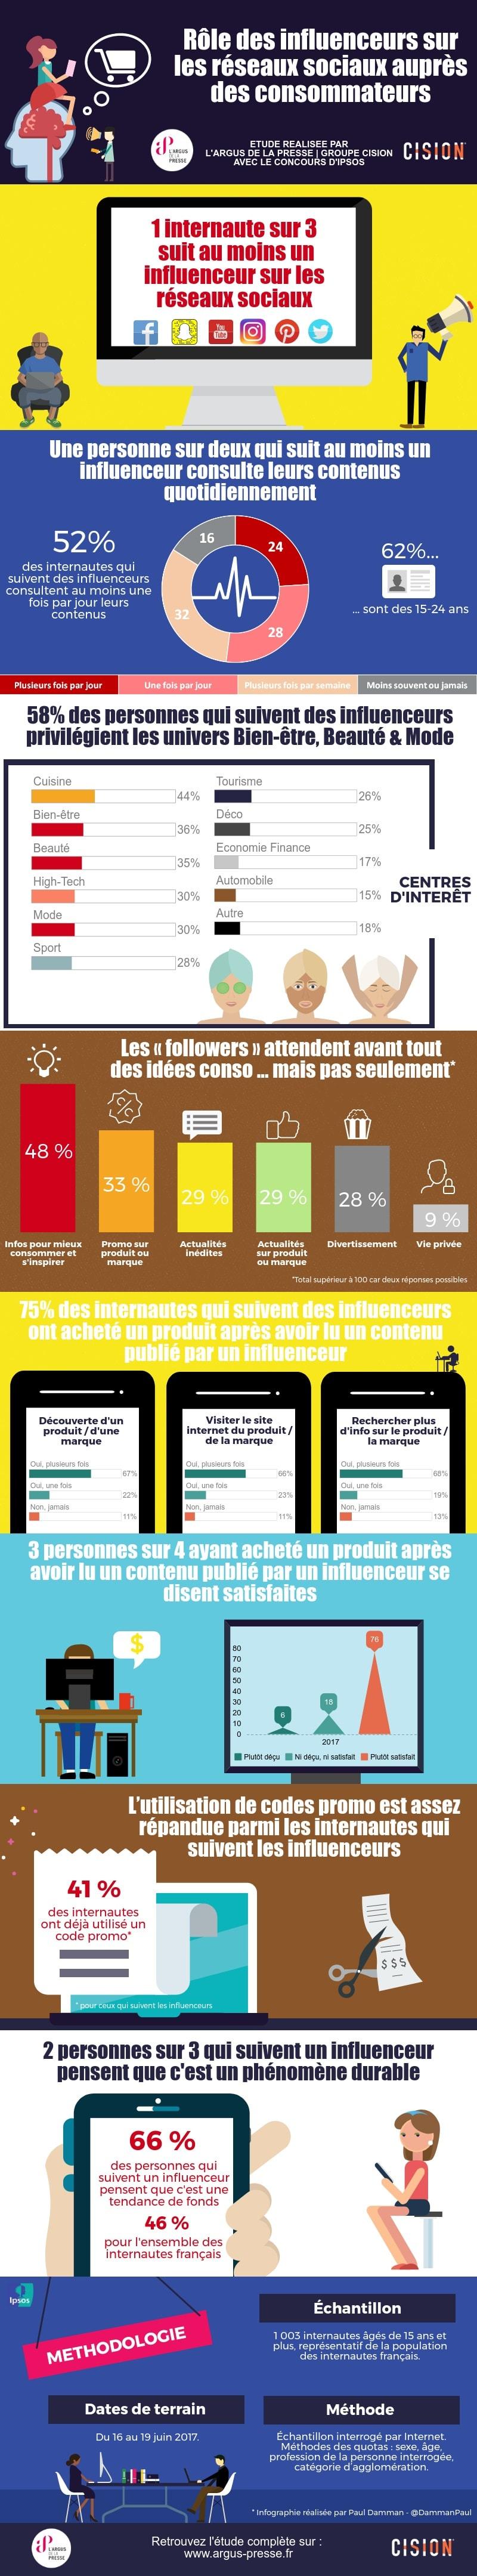 infographie role des influenceurs